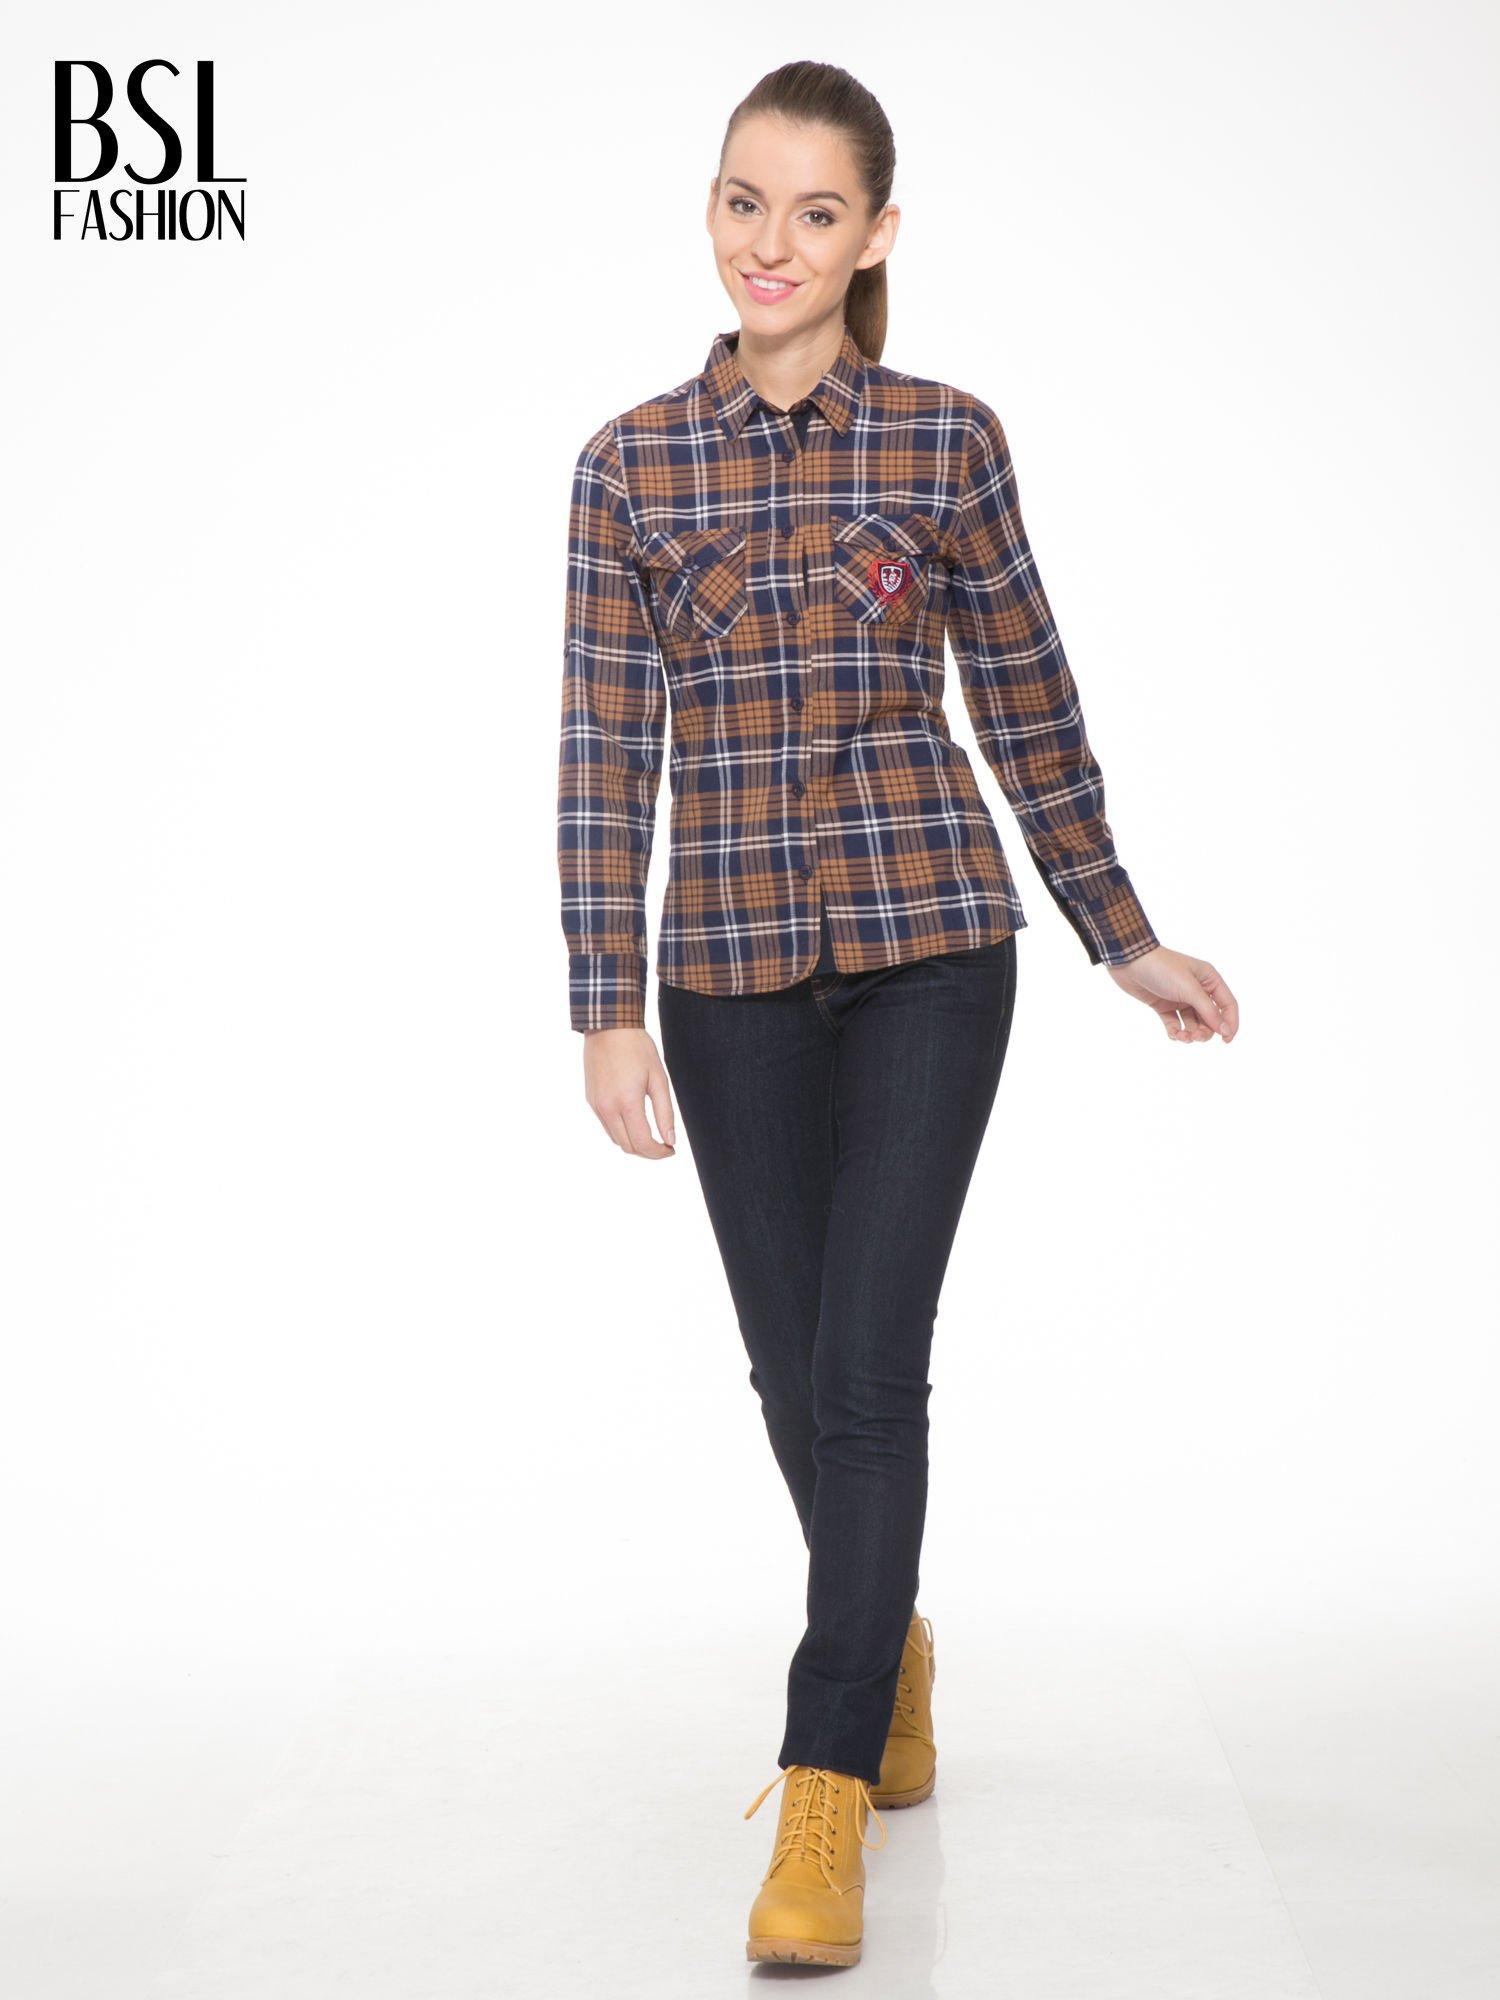 Brązowo-granatowa damska koszula w kratę z kieszonkami i naszywką                                  zdj.                                  4